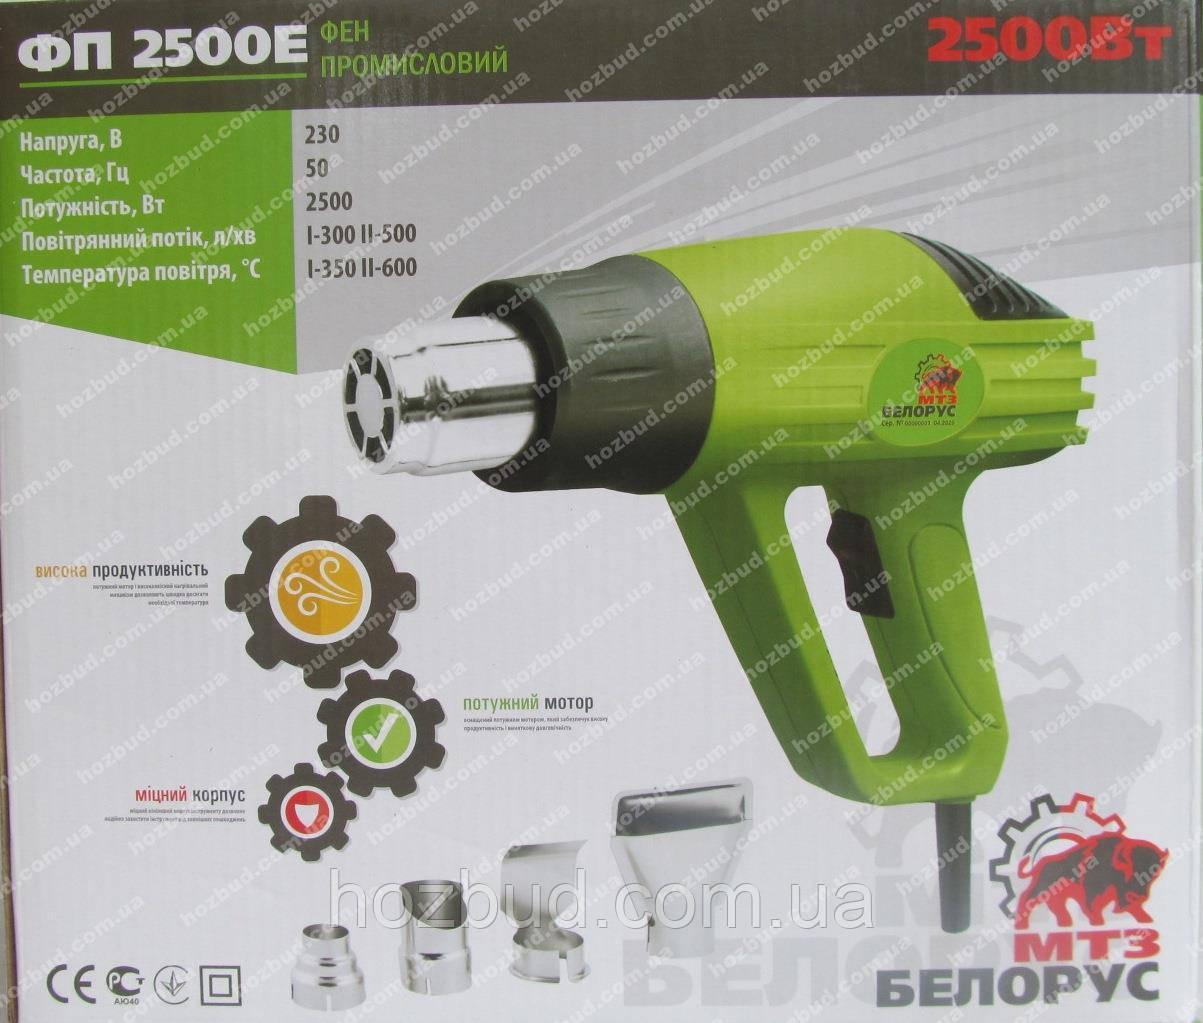 Фен Белорус ФП 2500Е (2 режима)